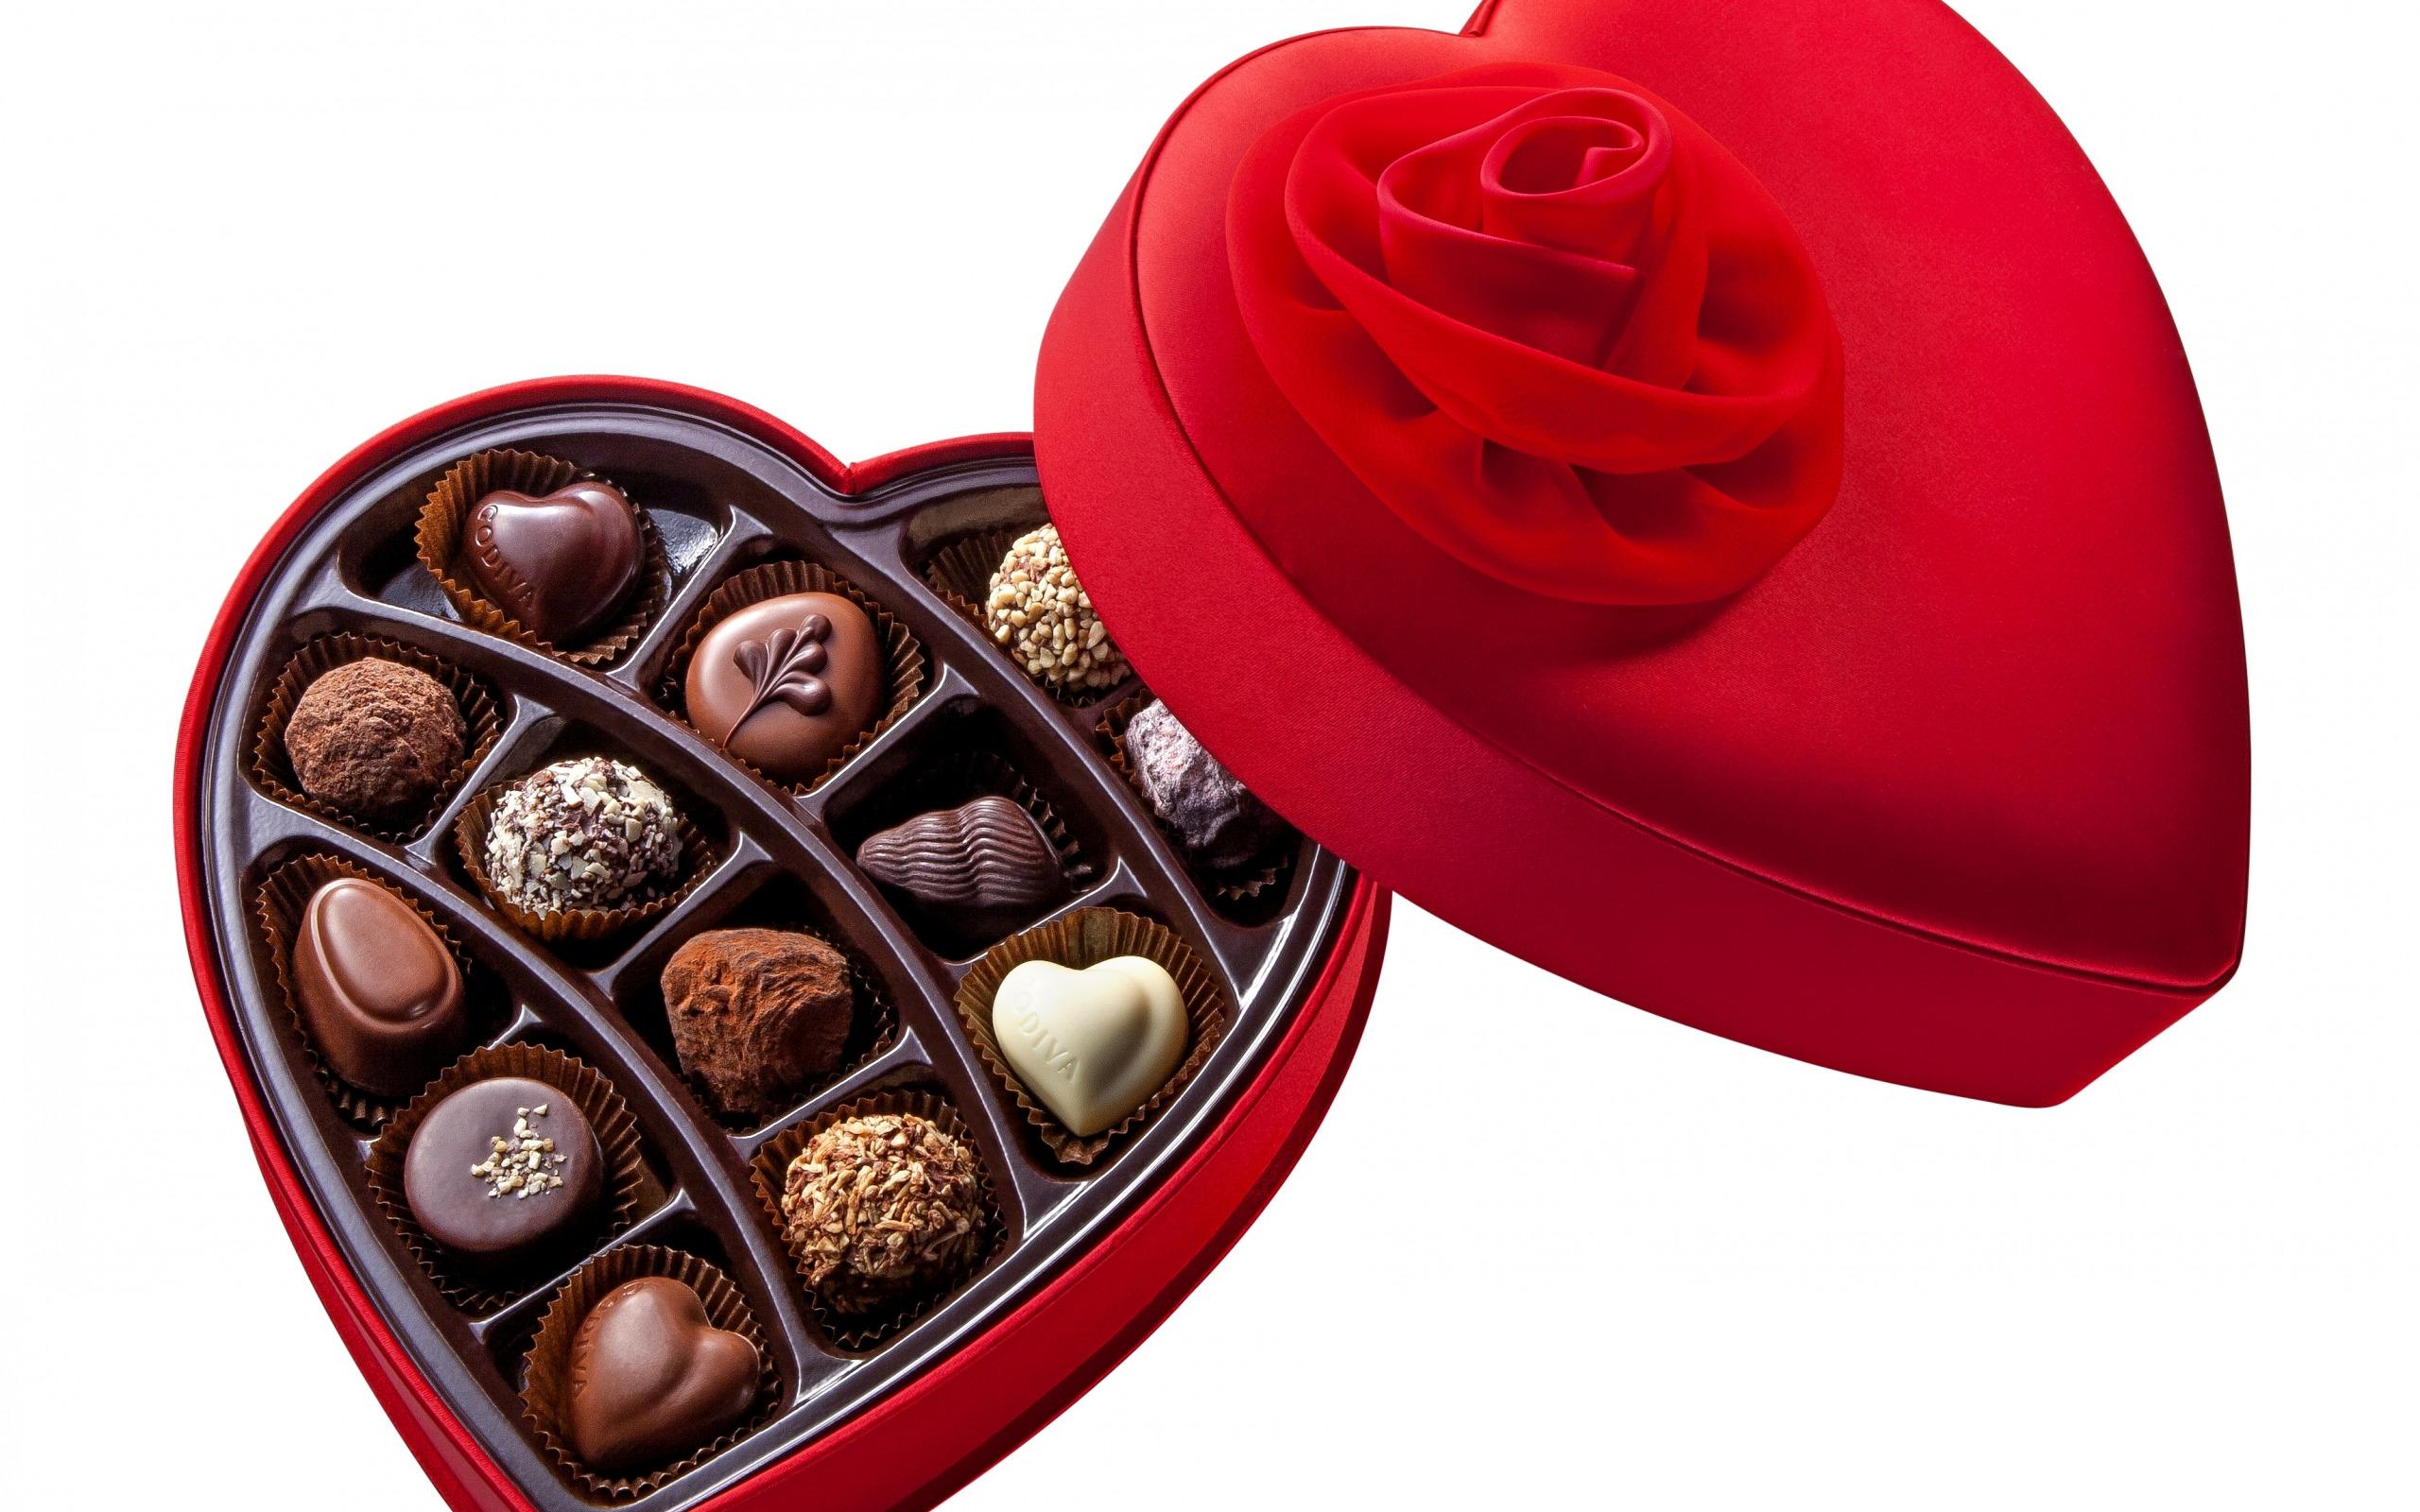 Открытки конфеты в красивых коробках